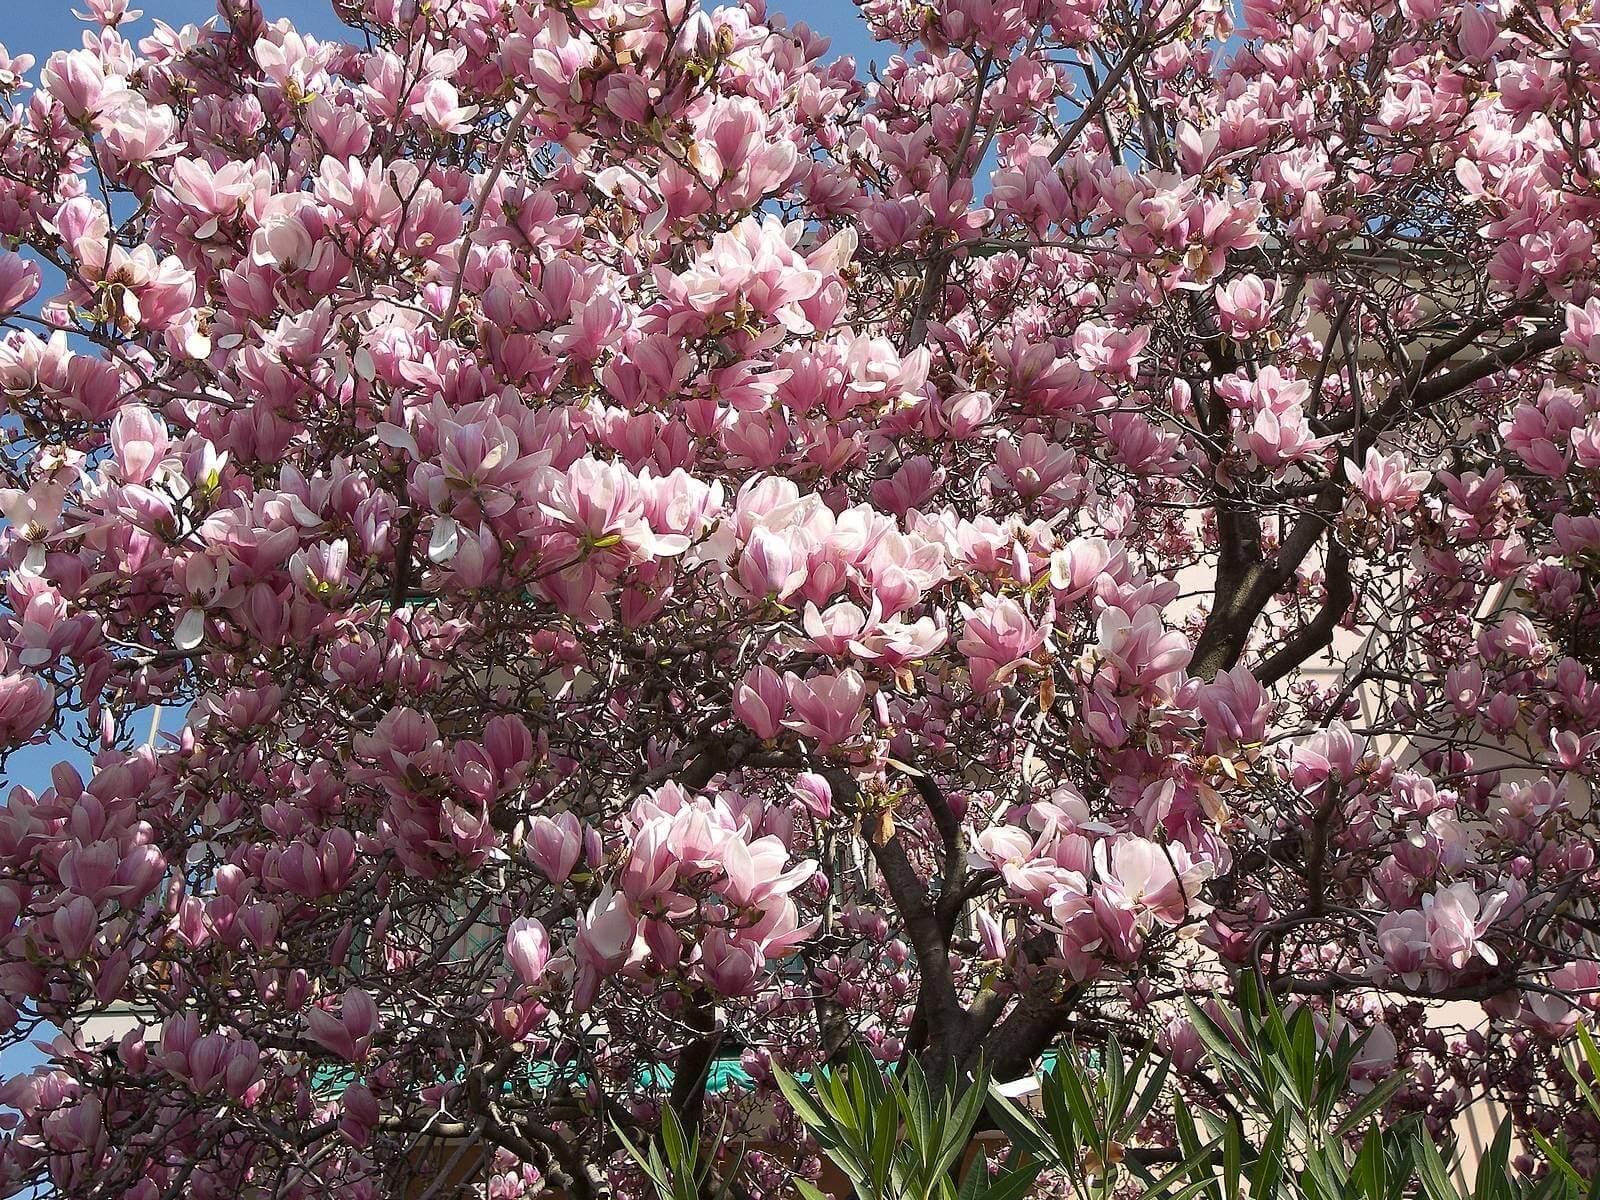 Уход за малиной весной: обрезка, подкормка, обработка